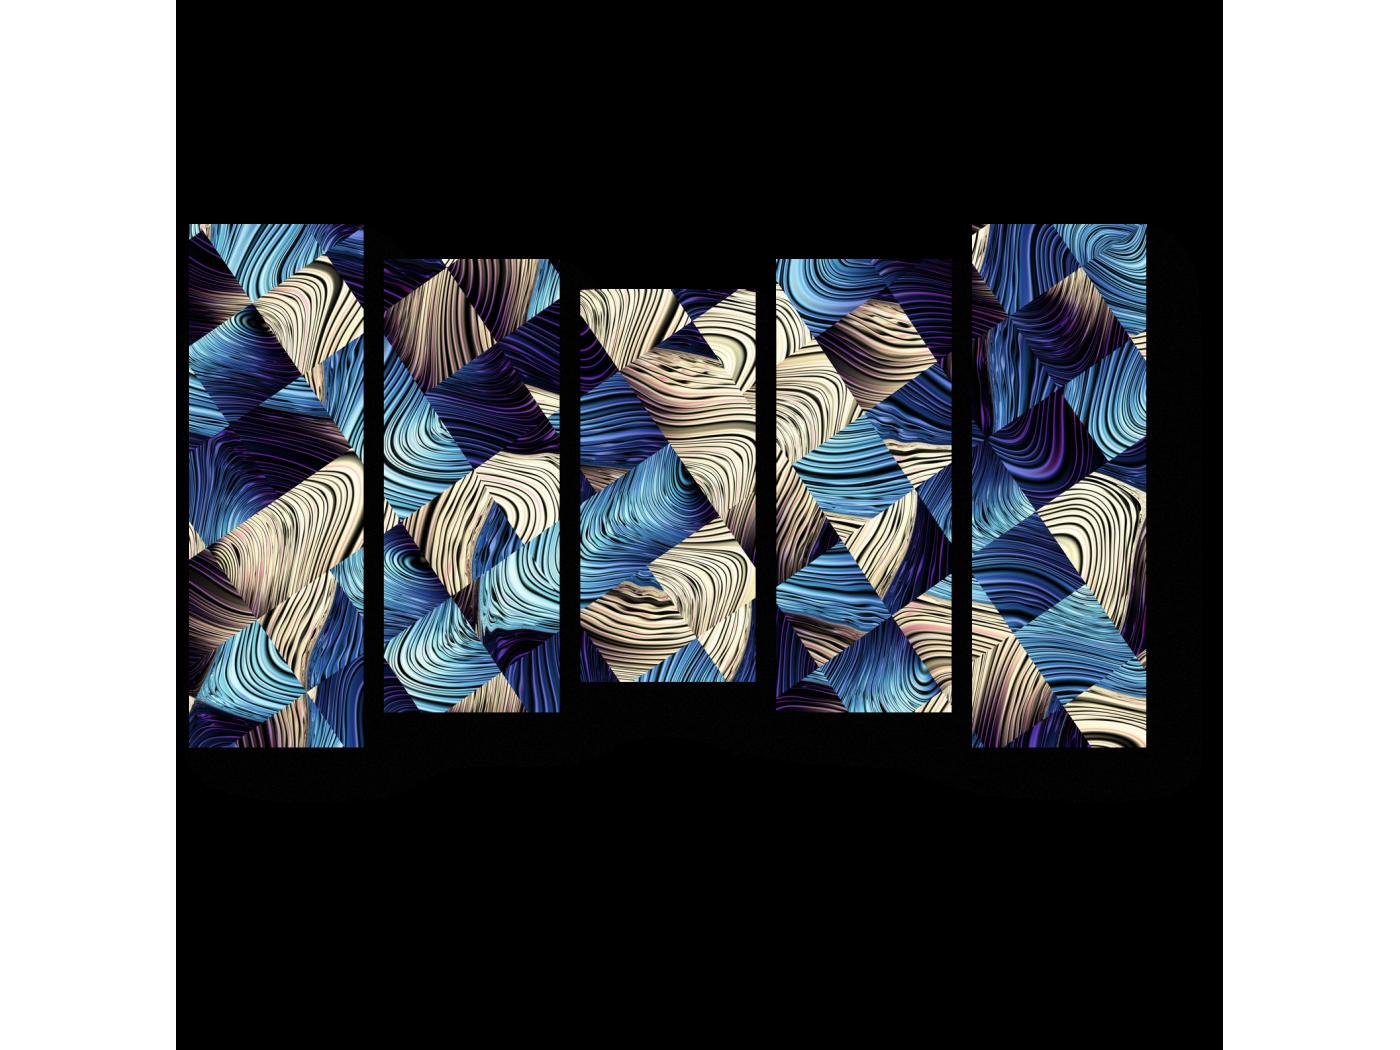 Модульная картина Перплетение (90x54) фото